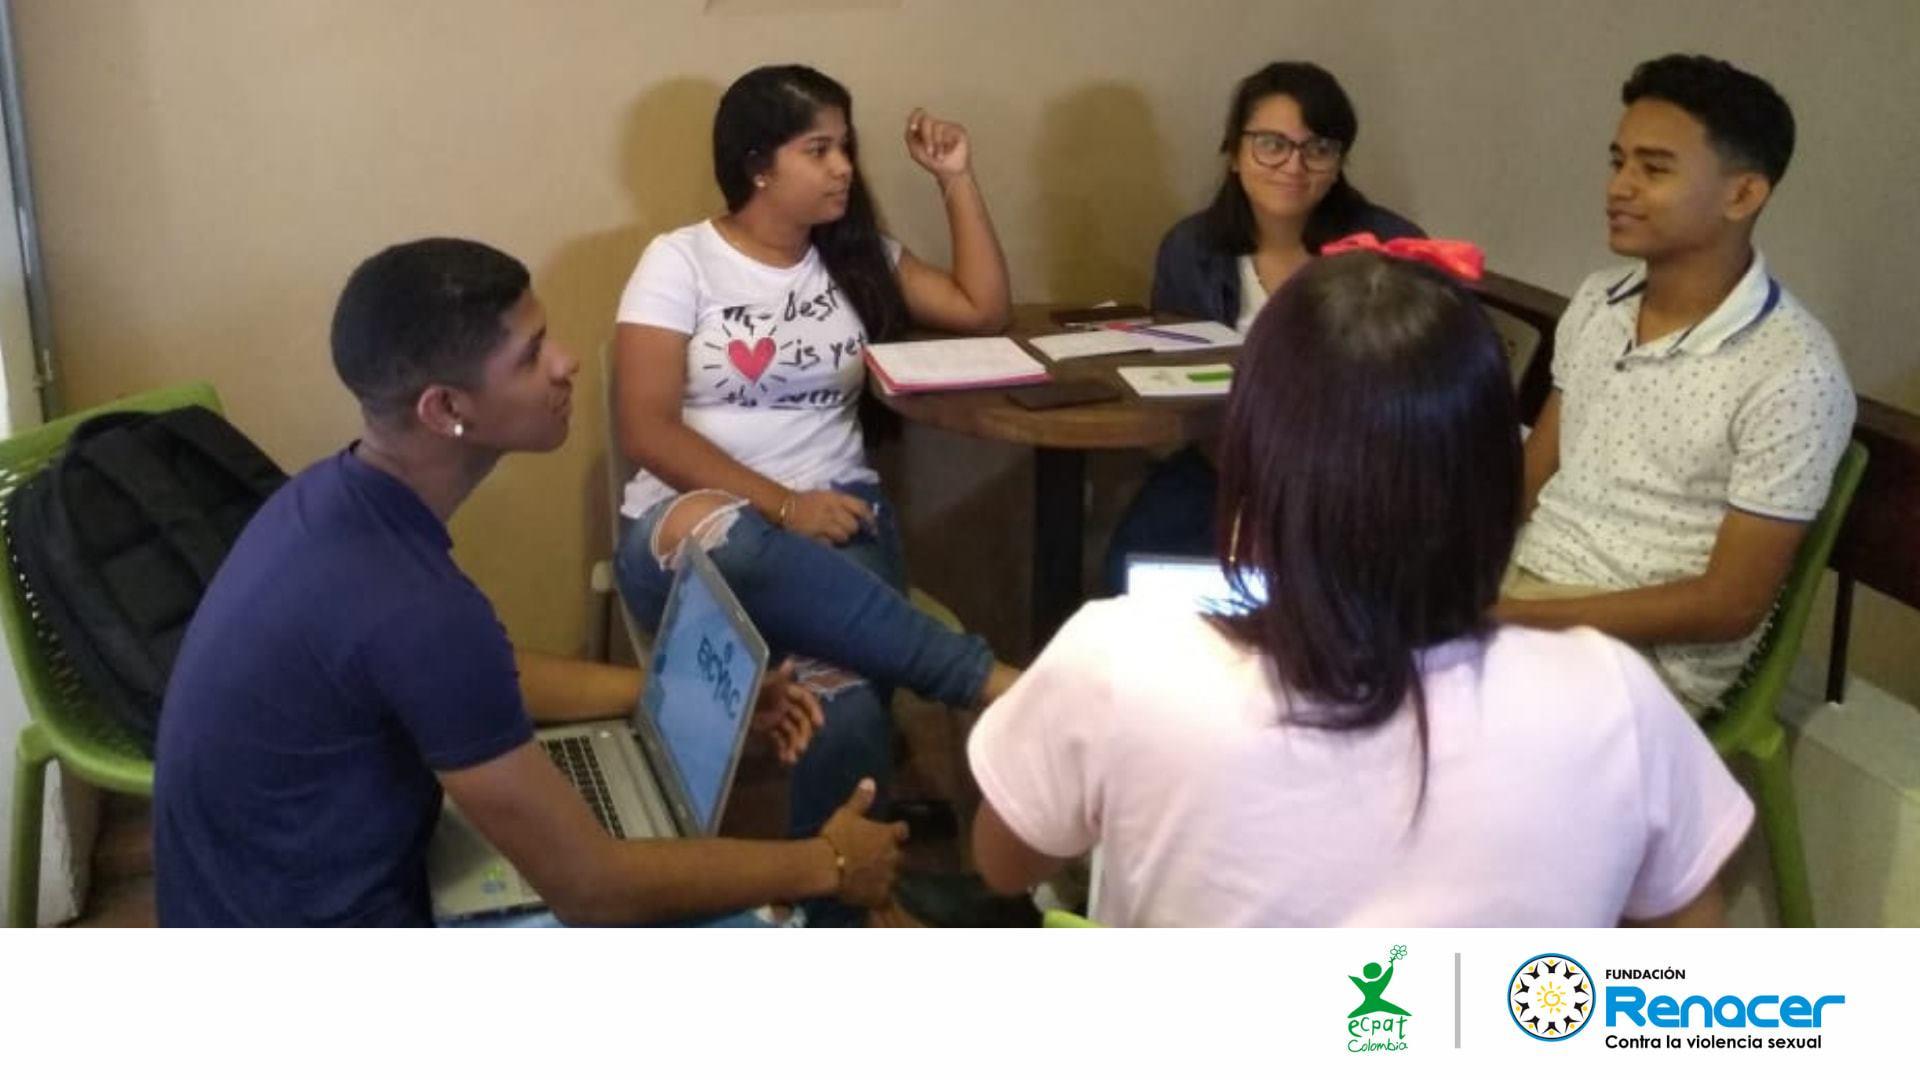 Grupo EICYAC Cartagena diseña propuesta audiovisual para la prevención de la ESCNNA en entornos digitales